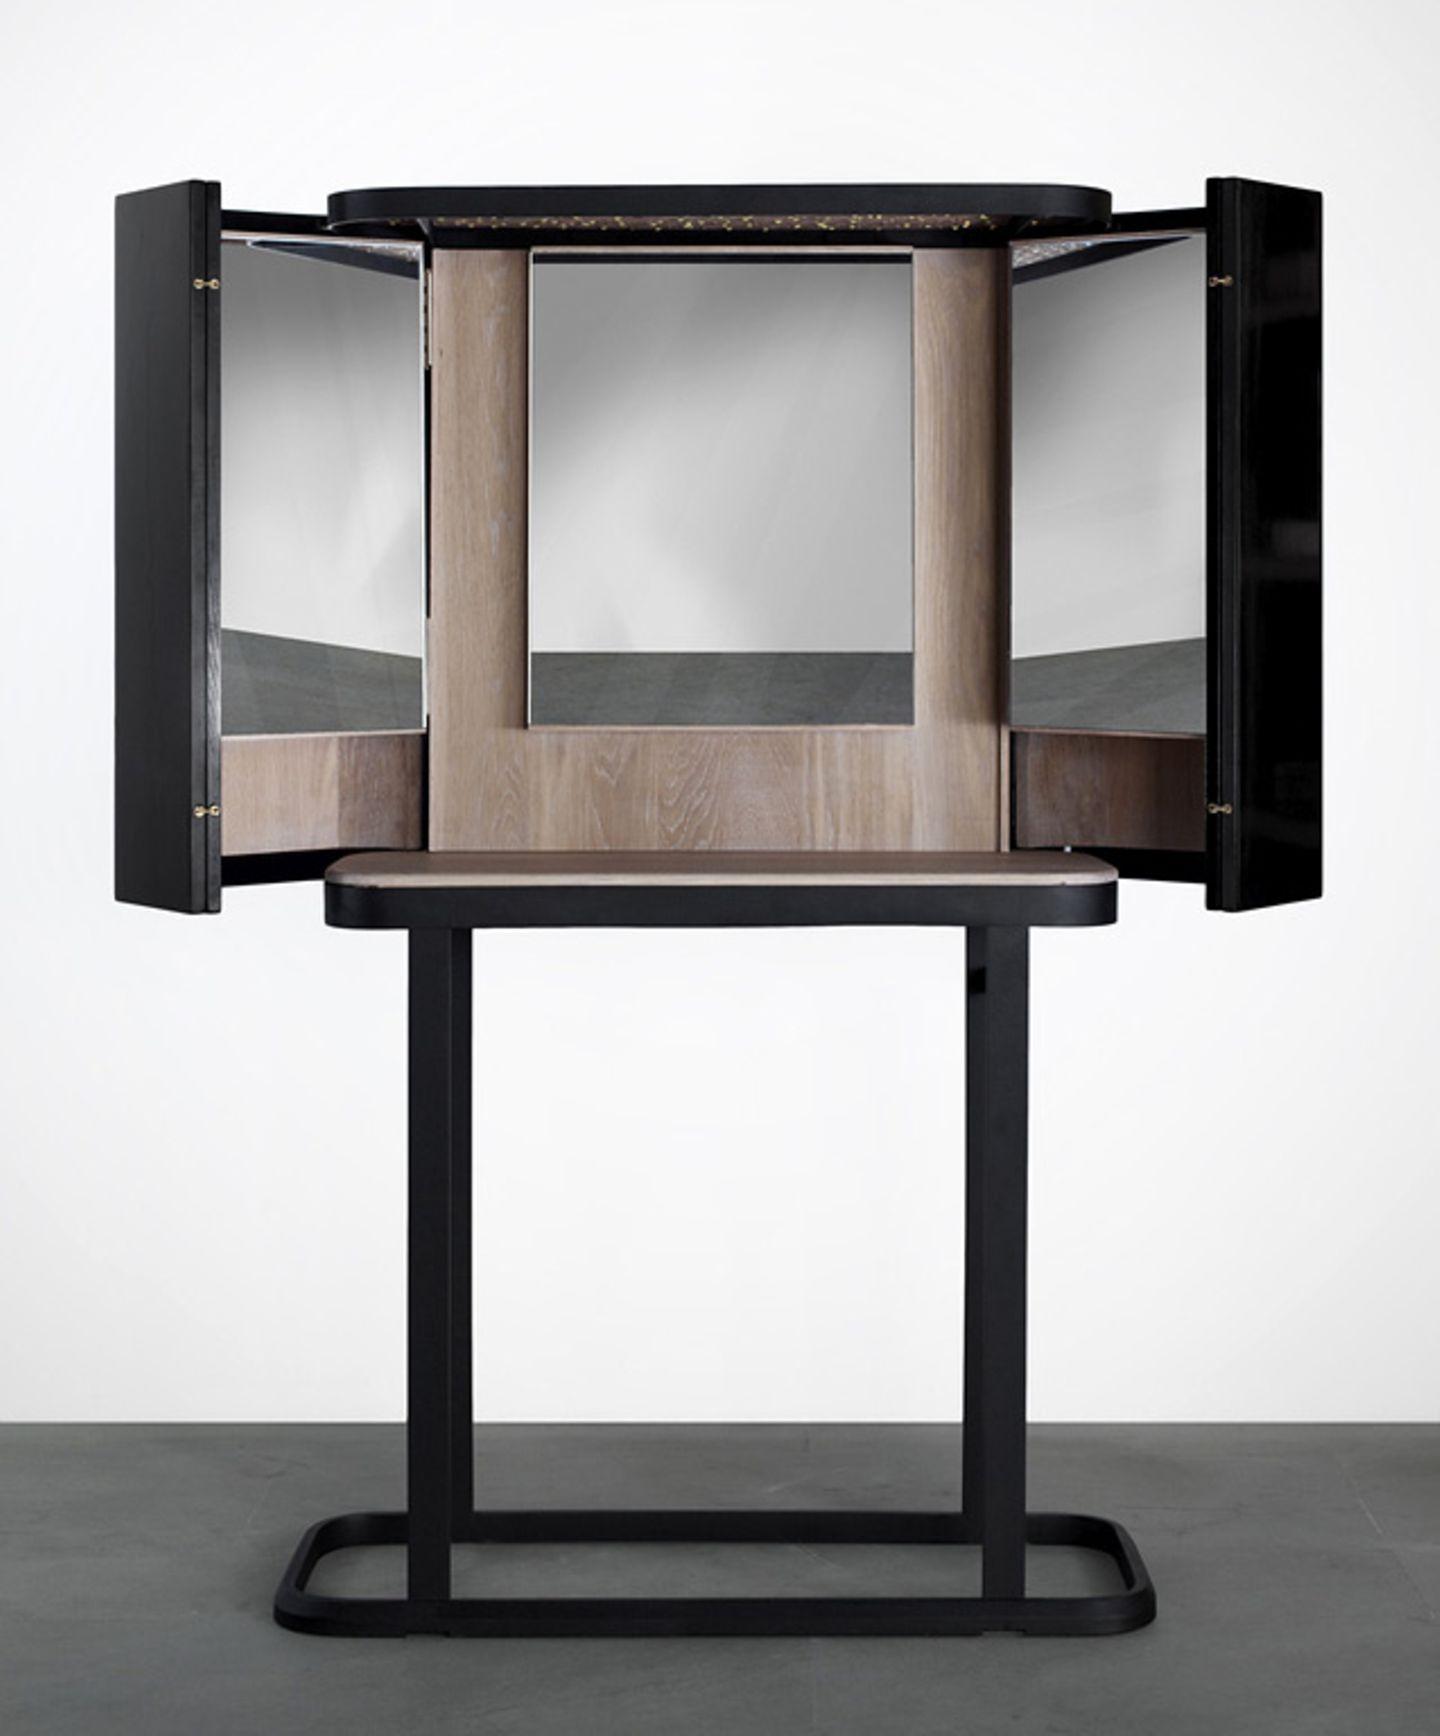 """Triptychon: Schminktisch """"The Narcissist"""" von Barcelona Design"""